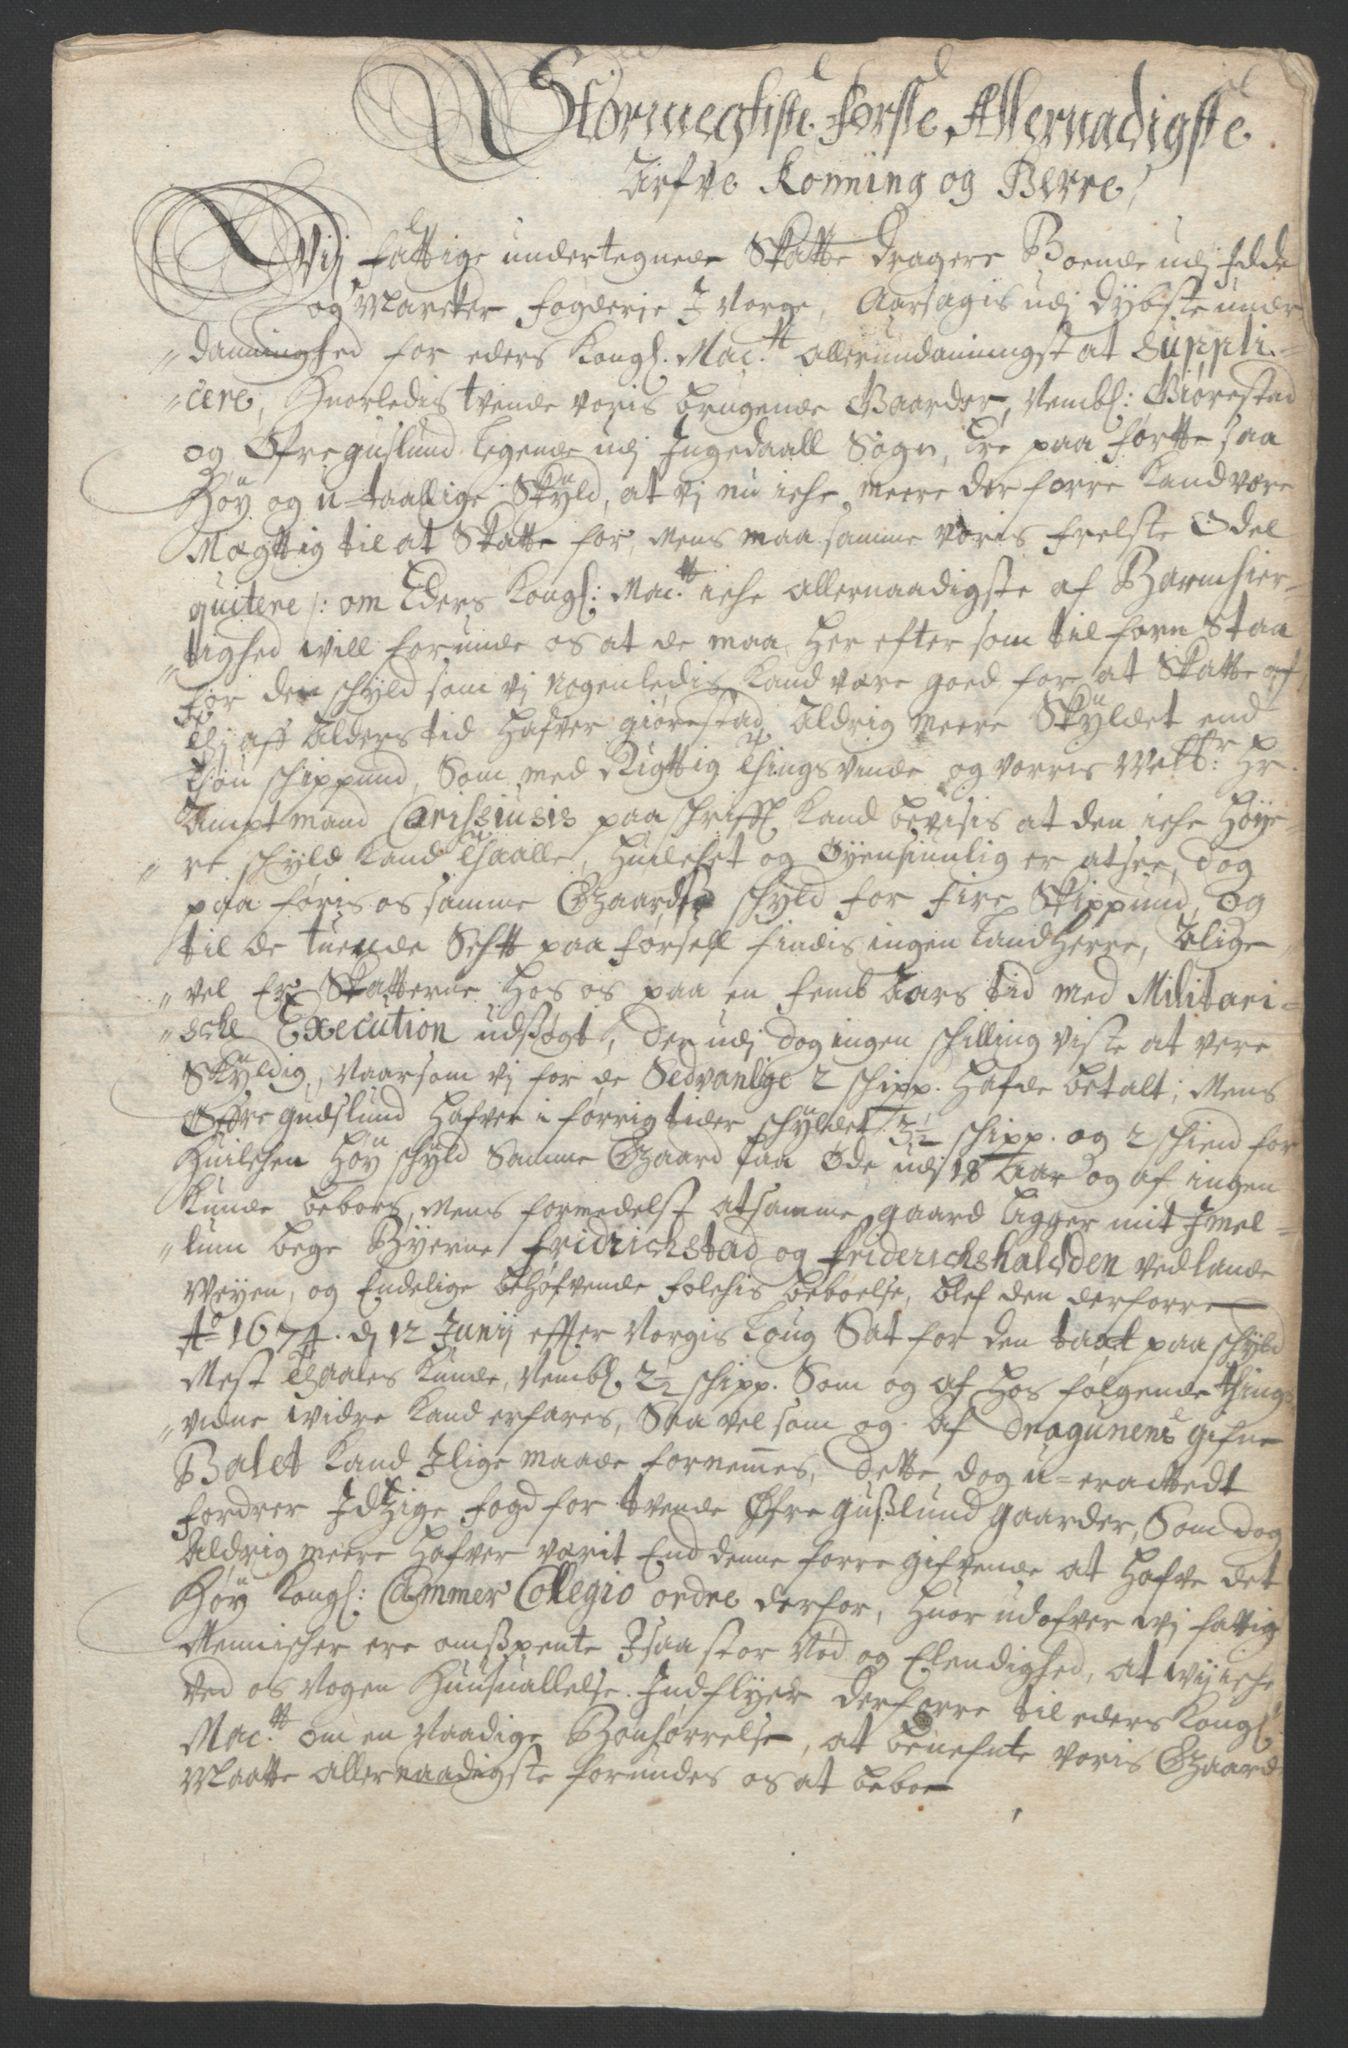 RA, Rentekammeret inntil 1814, Reviderte regnskaper, Fogderegnskap, R01/L0011: Fogderegnskap Idd og Marker, 1692-1693, s. 56